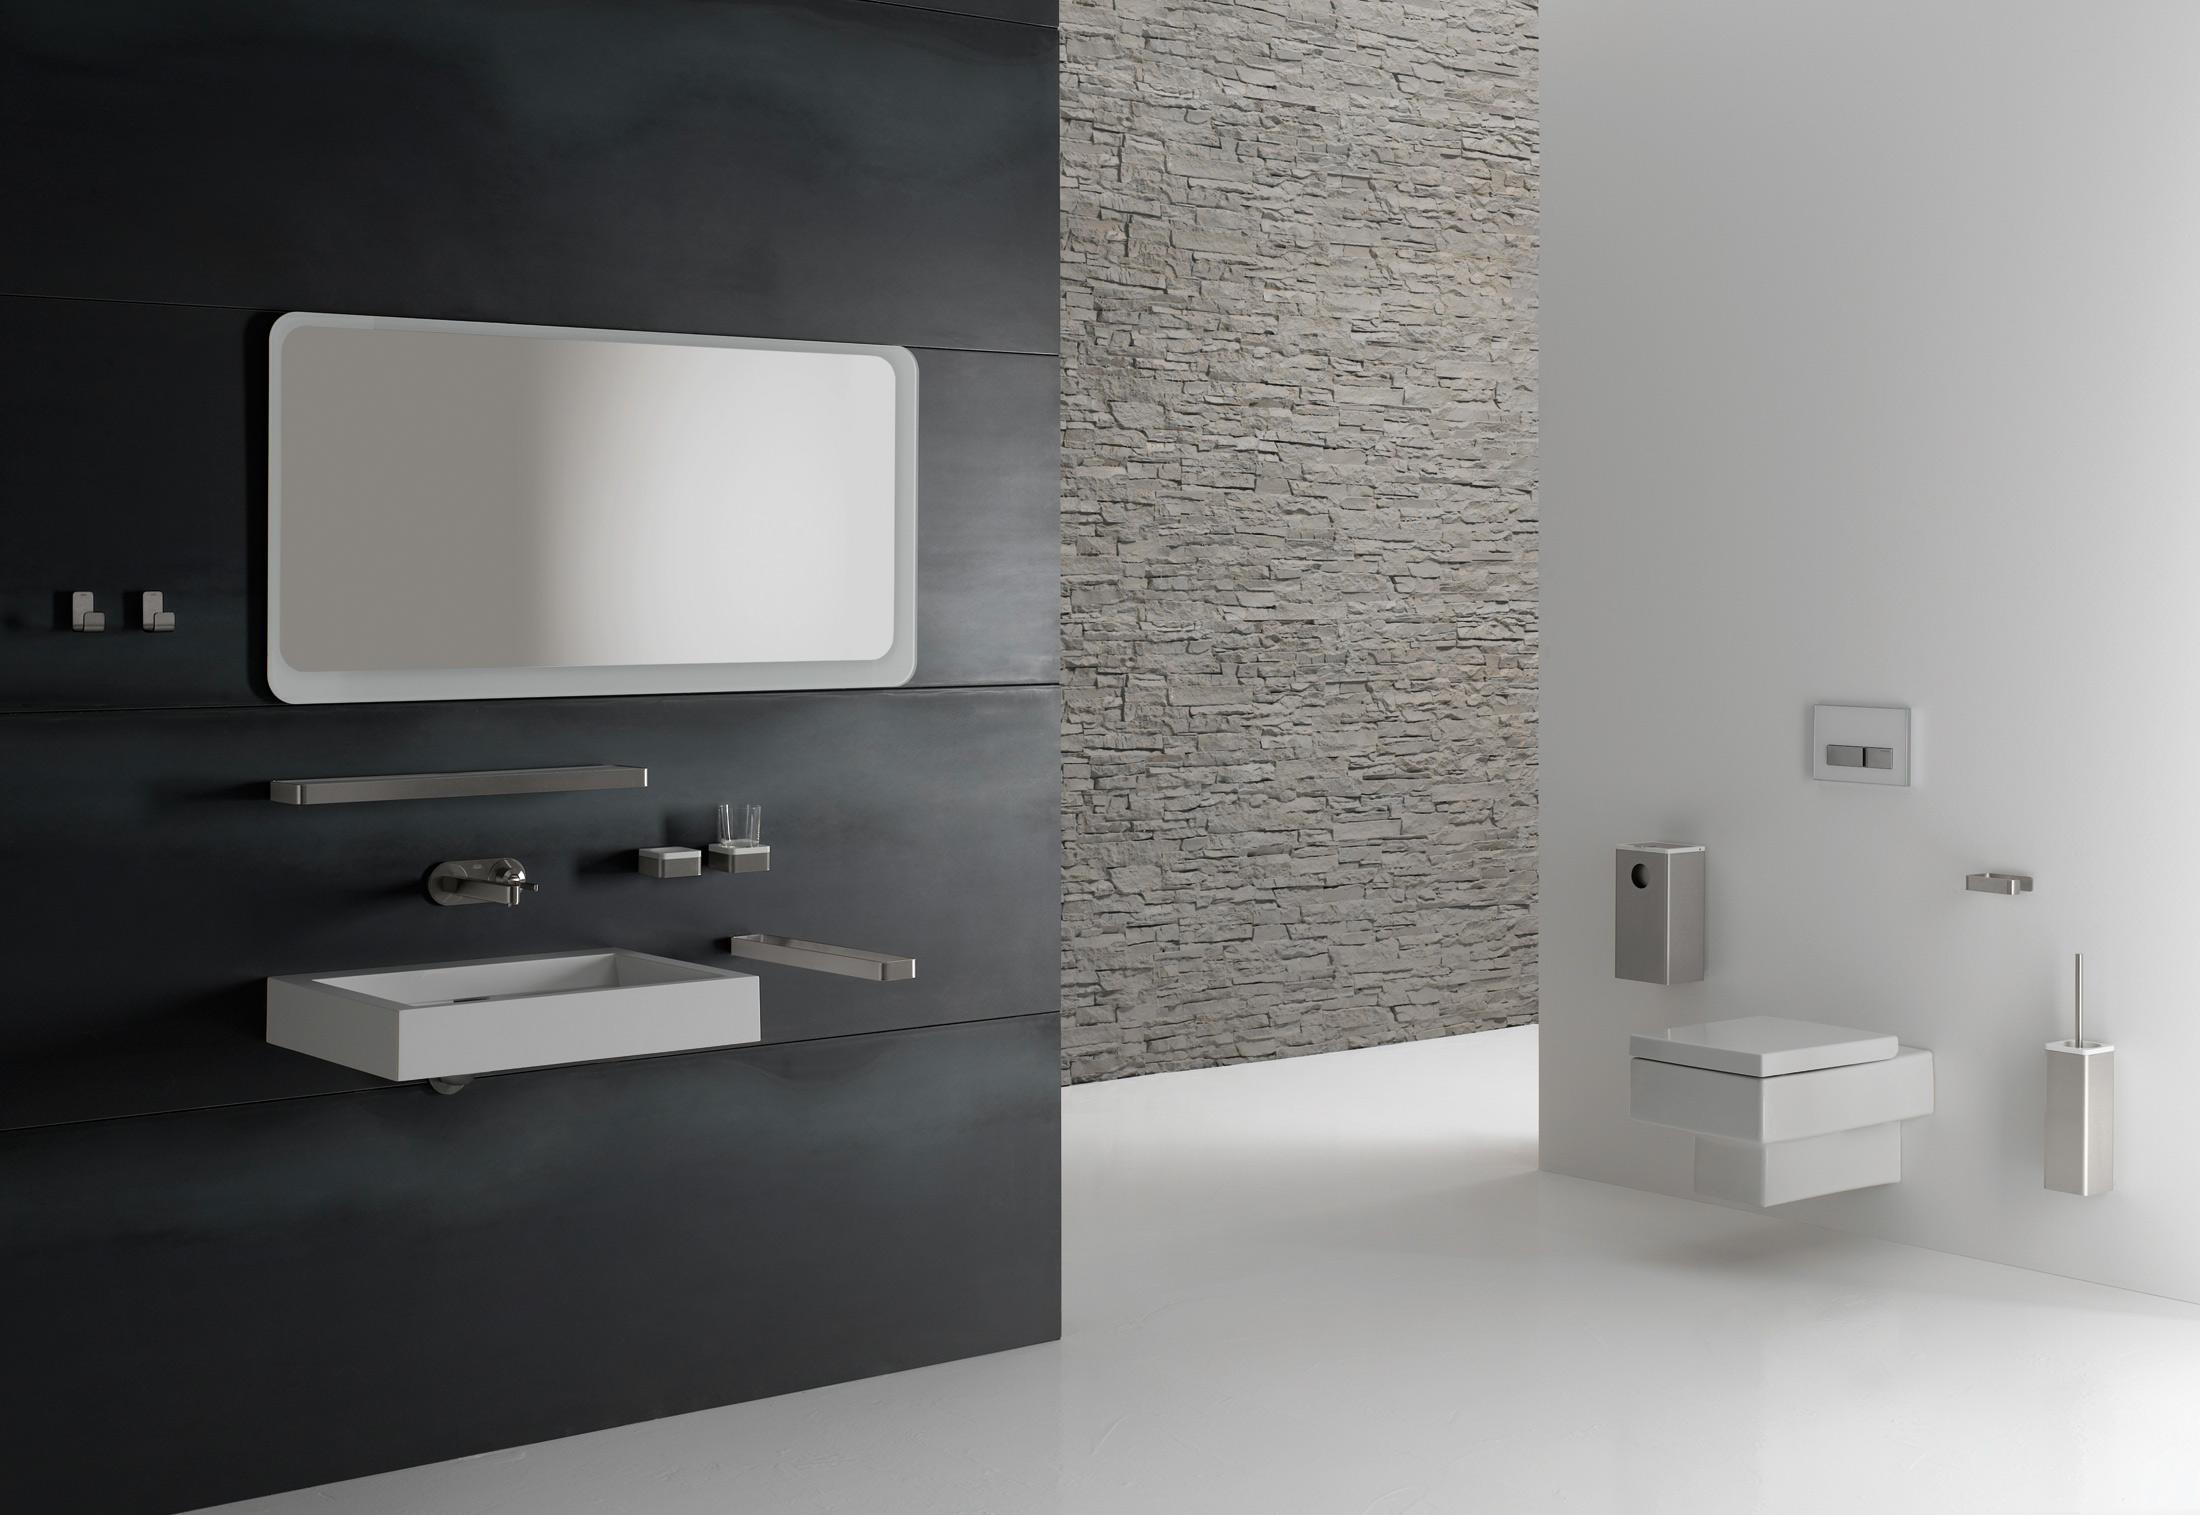 wc papierhalter 2 fach serie 805 von hewi stylepark. Black Bedroom Furniture Sets. Home Design Ideas